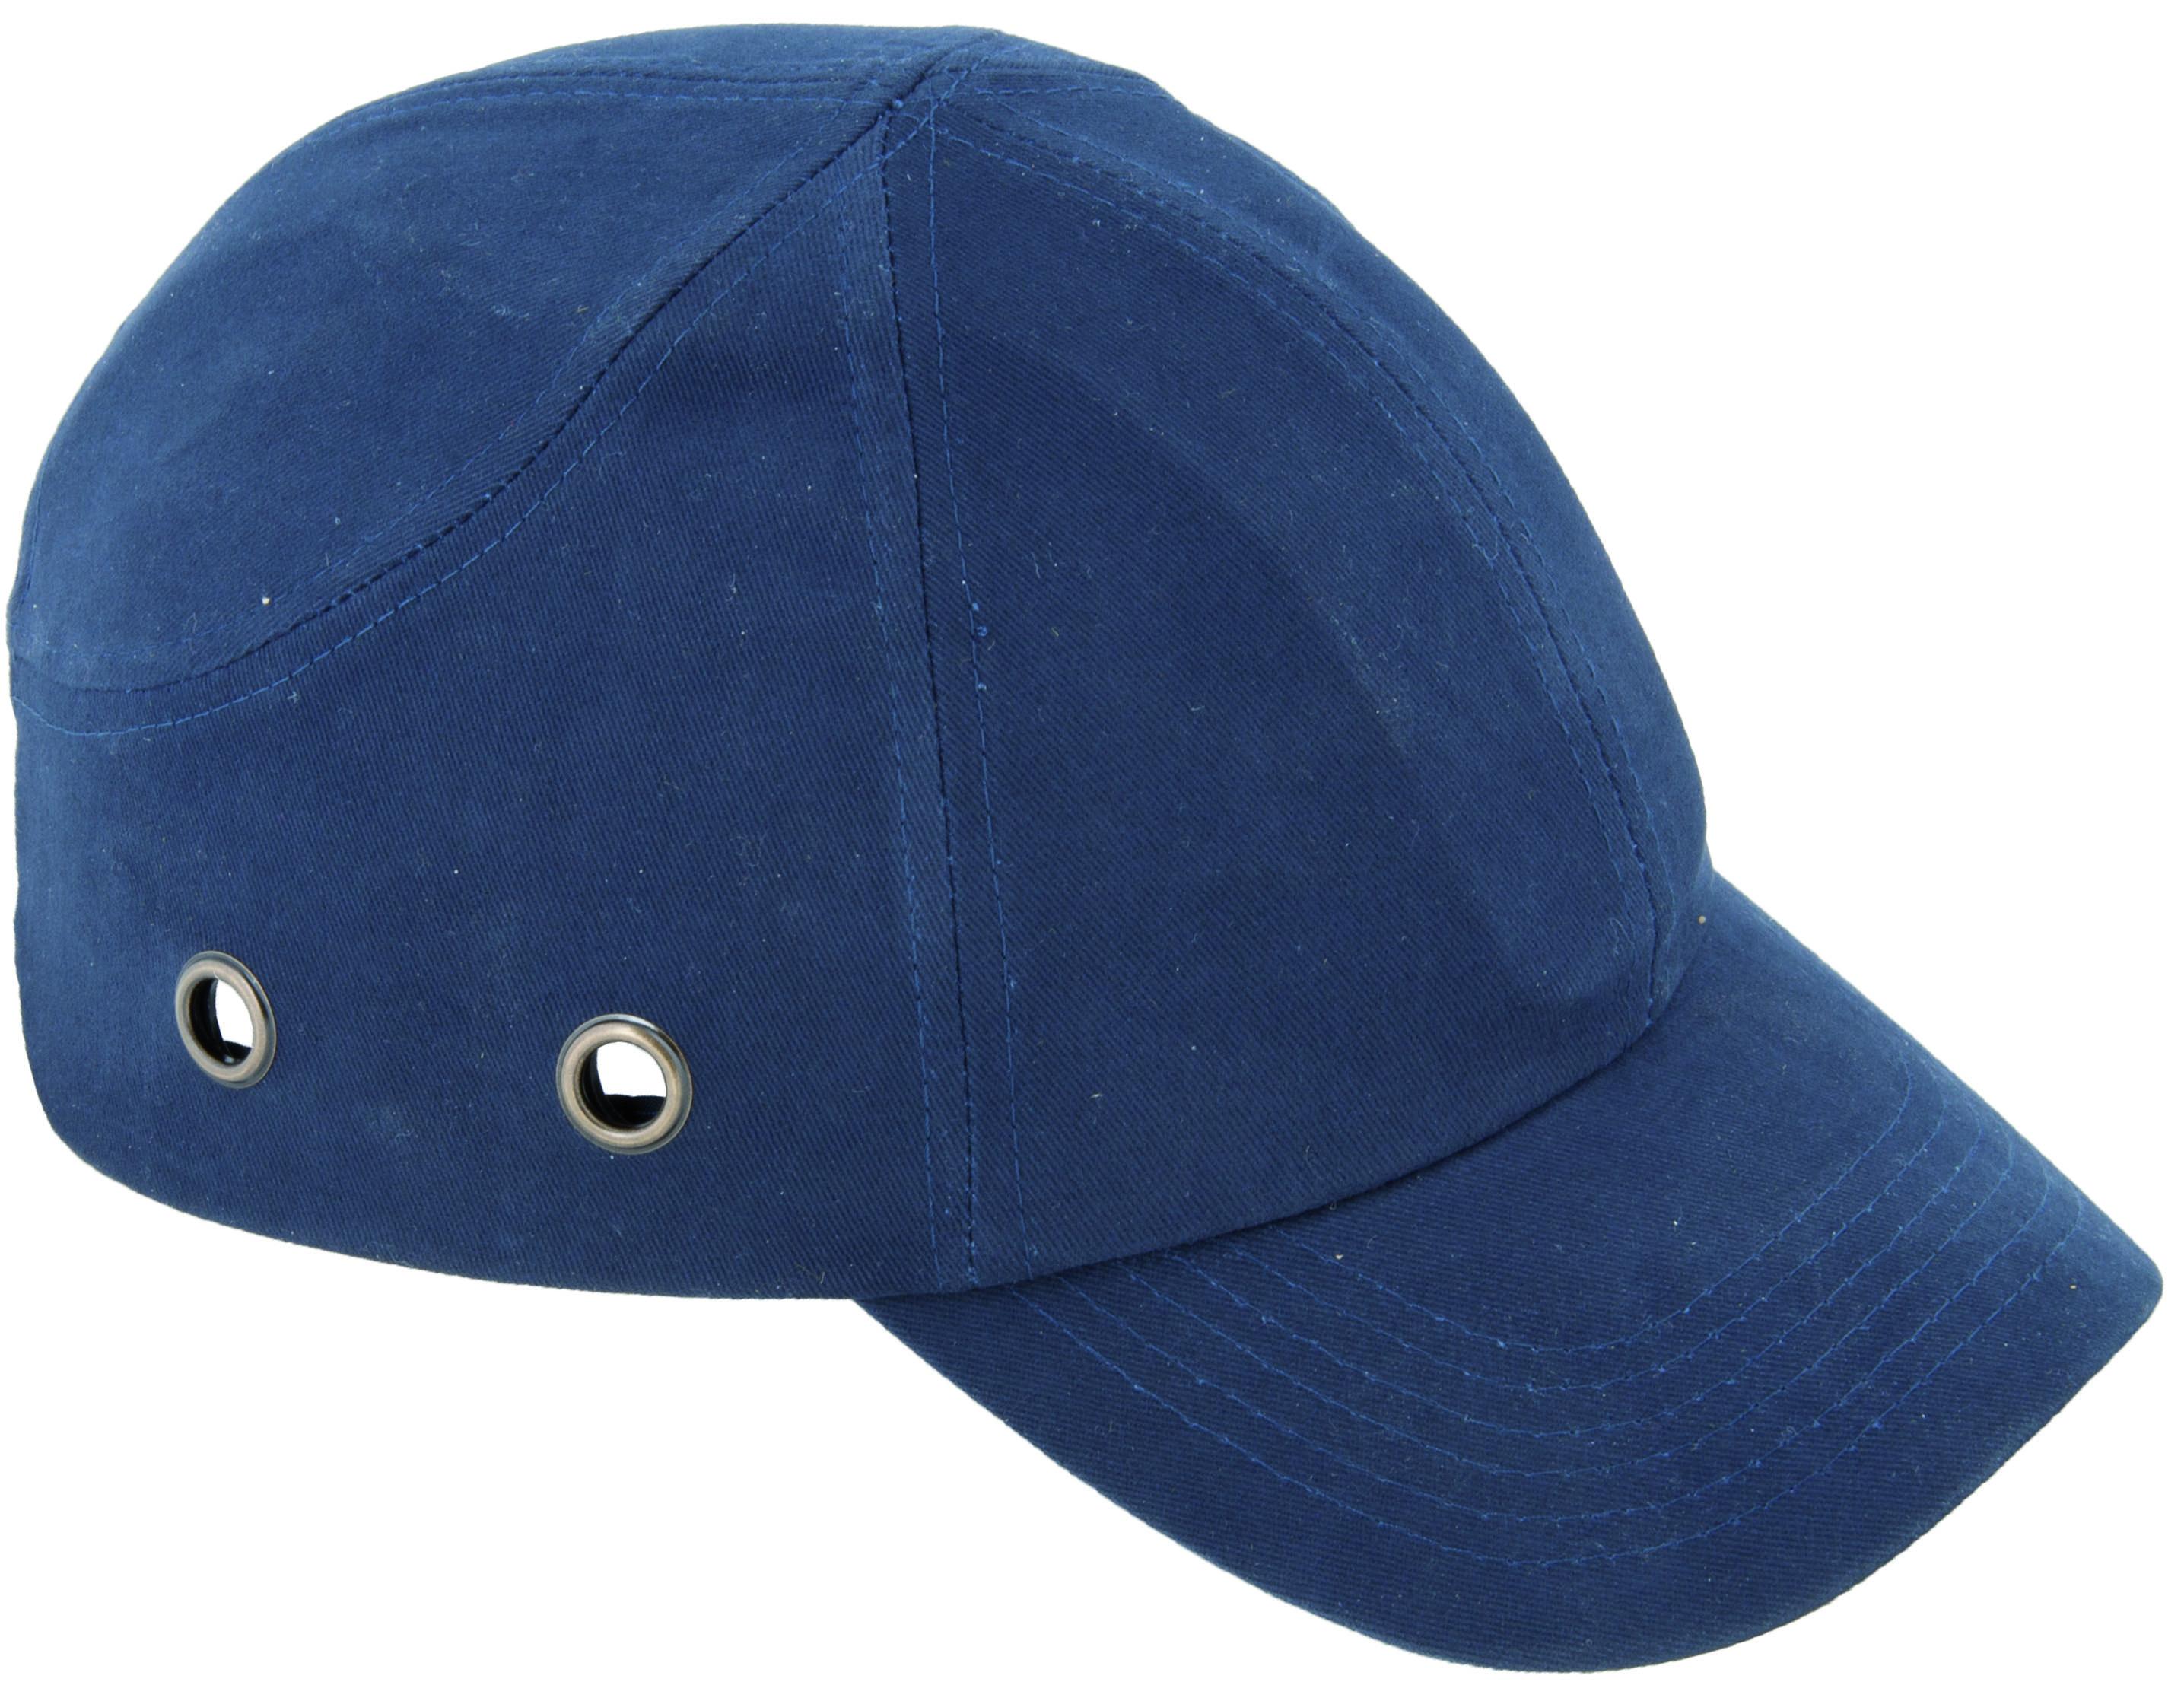 Čepice se skořepinou BRUNO modrá